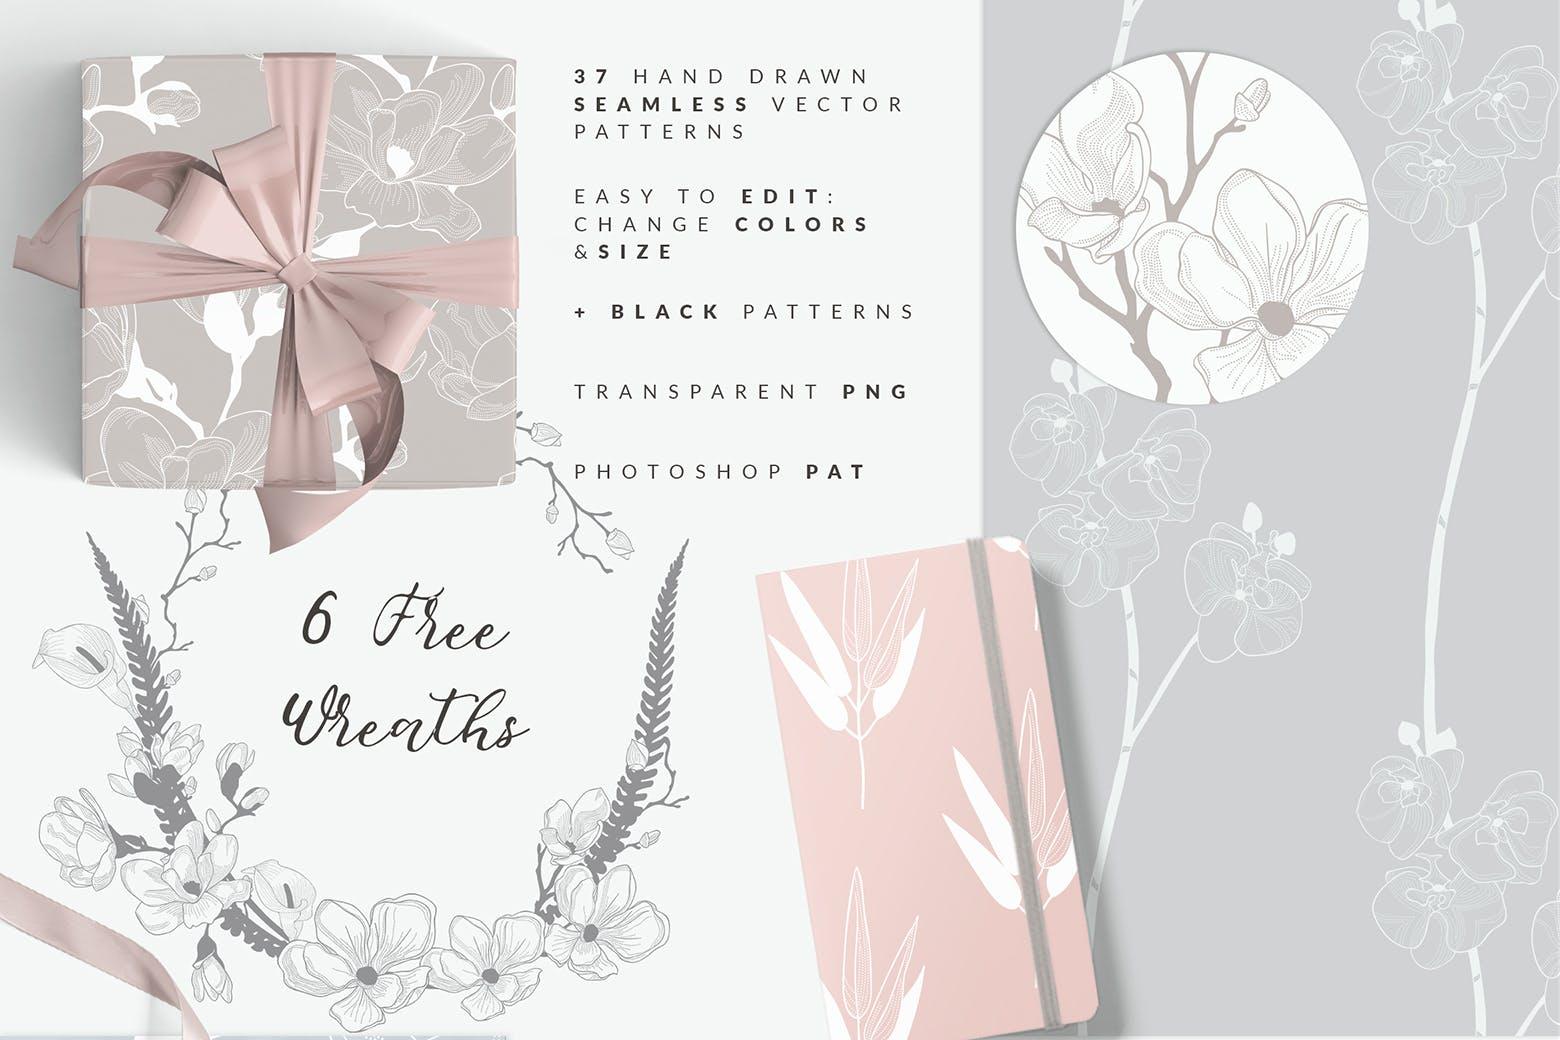 35个植物矢量图案装饰展示效果35 Patterns 8 Instagram Templates插图(1)